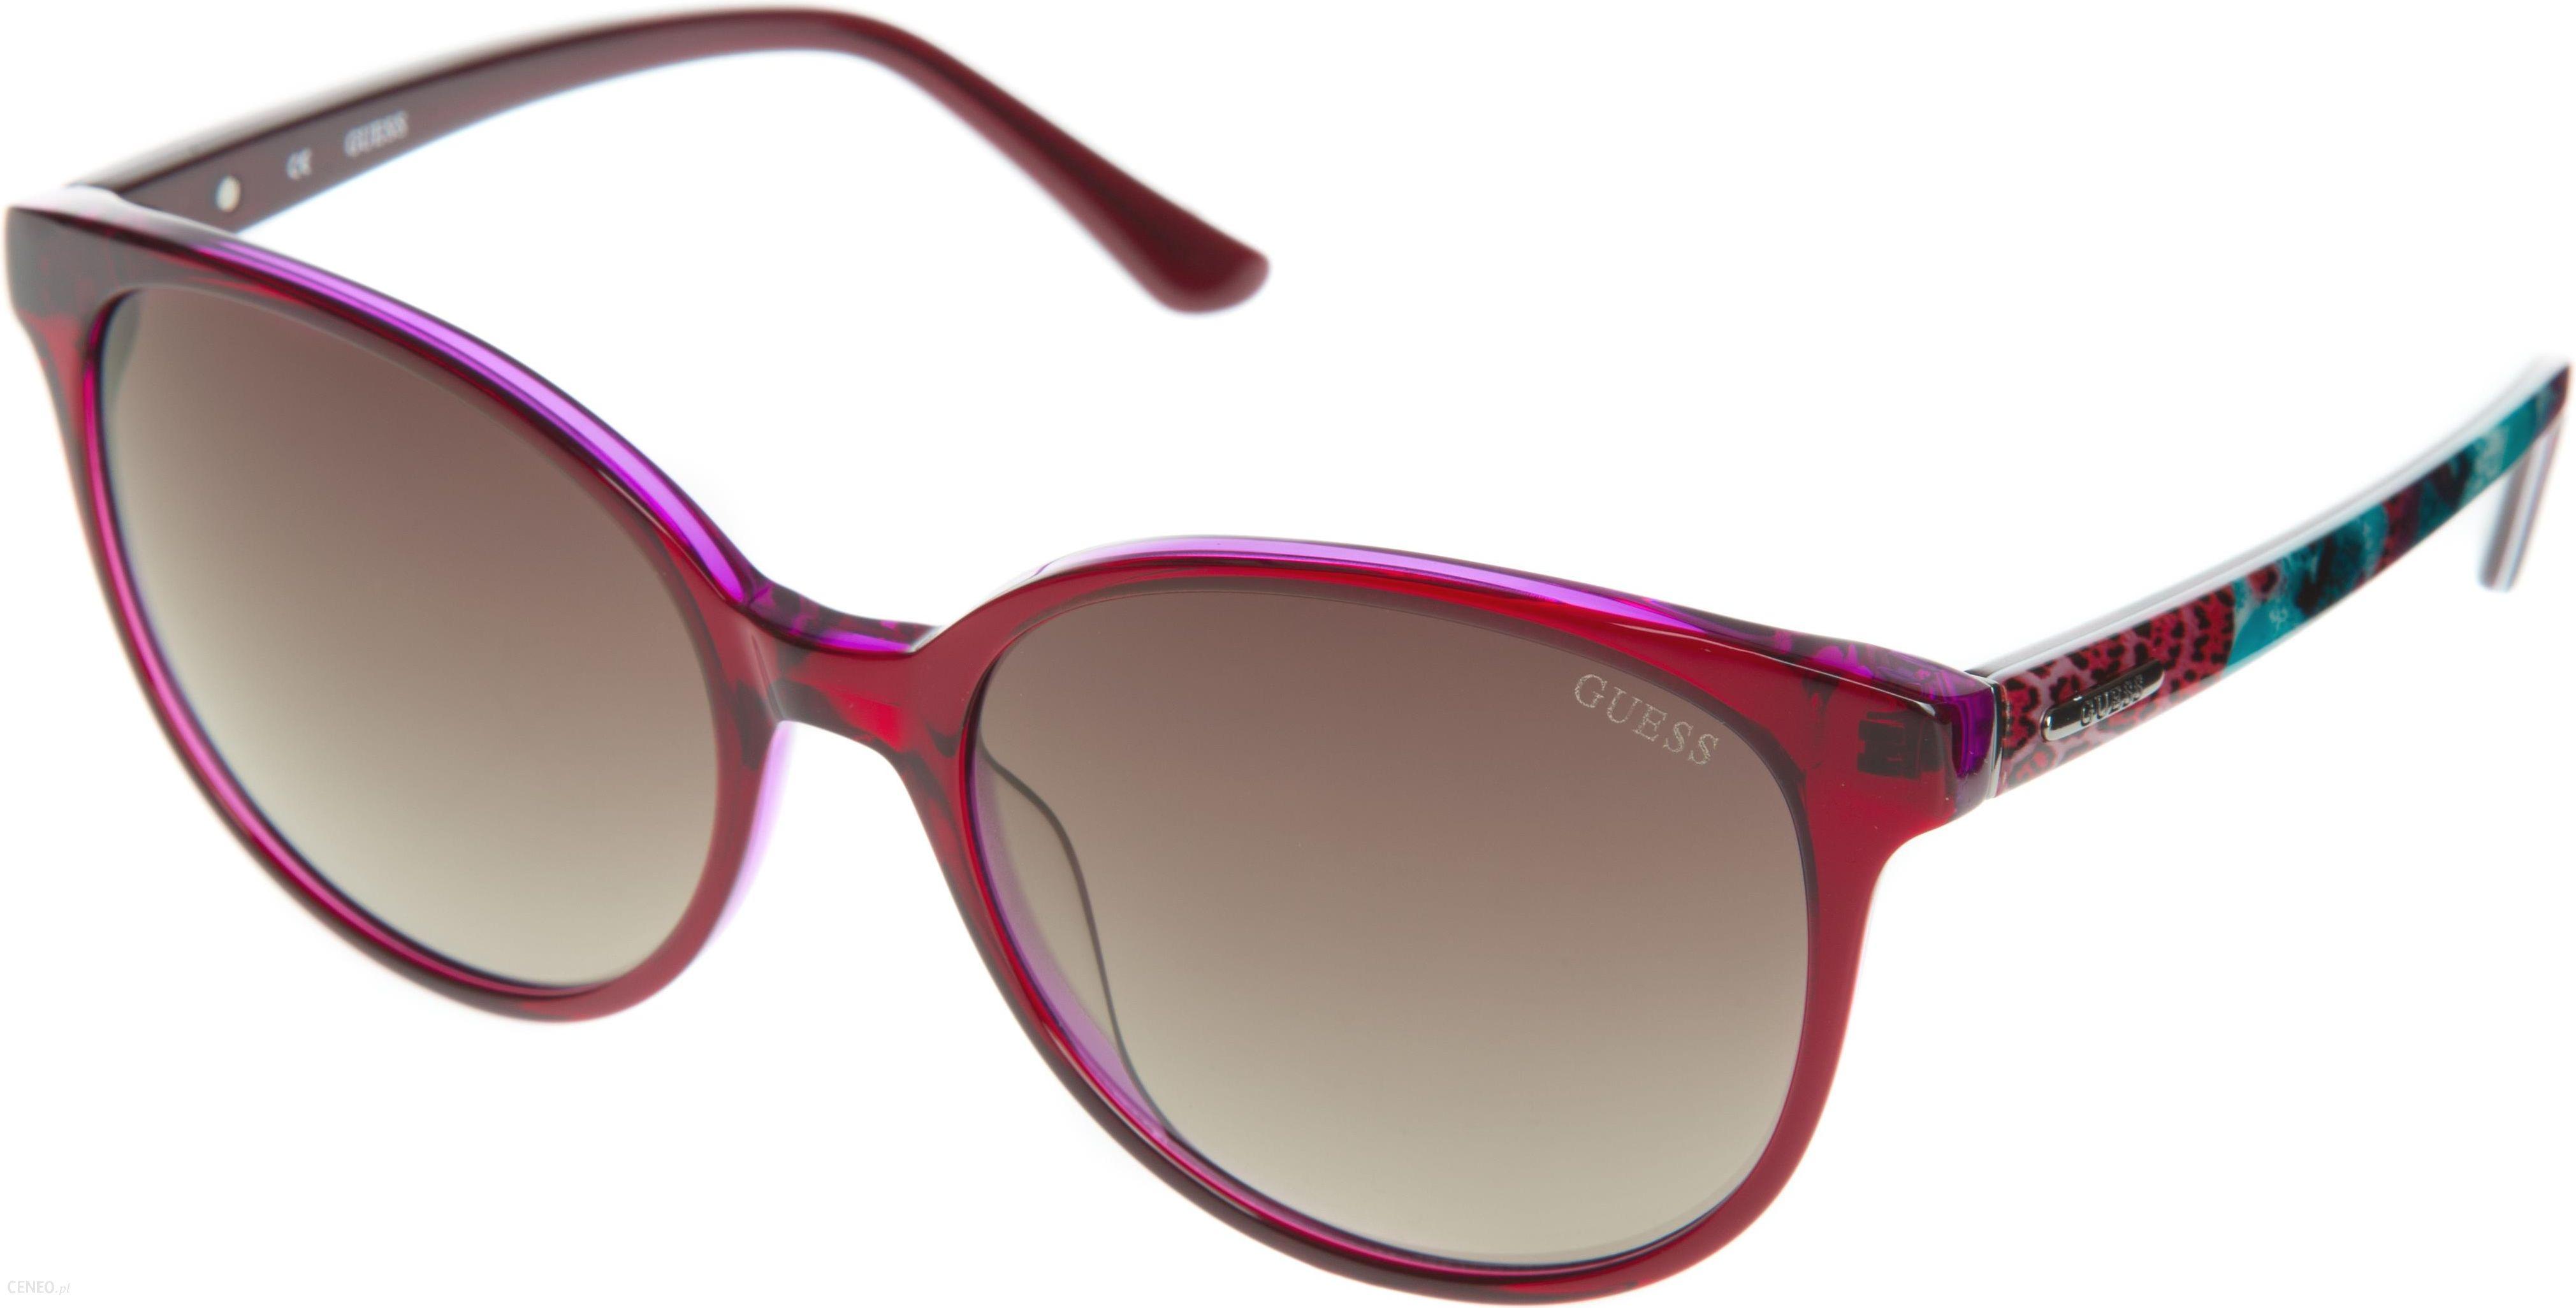 7e77d61921e21 Guess Okulary przeciwsłoneczne Czerwony Fioletowy Wielokolorowy UNI -  zdjęcie 1